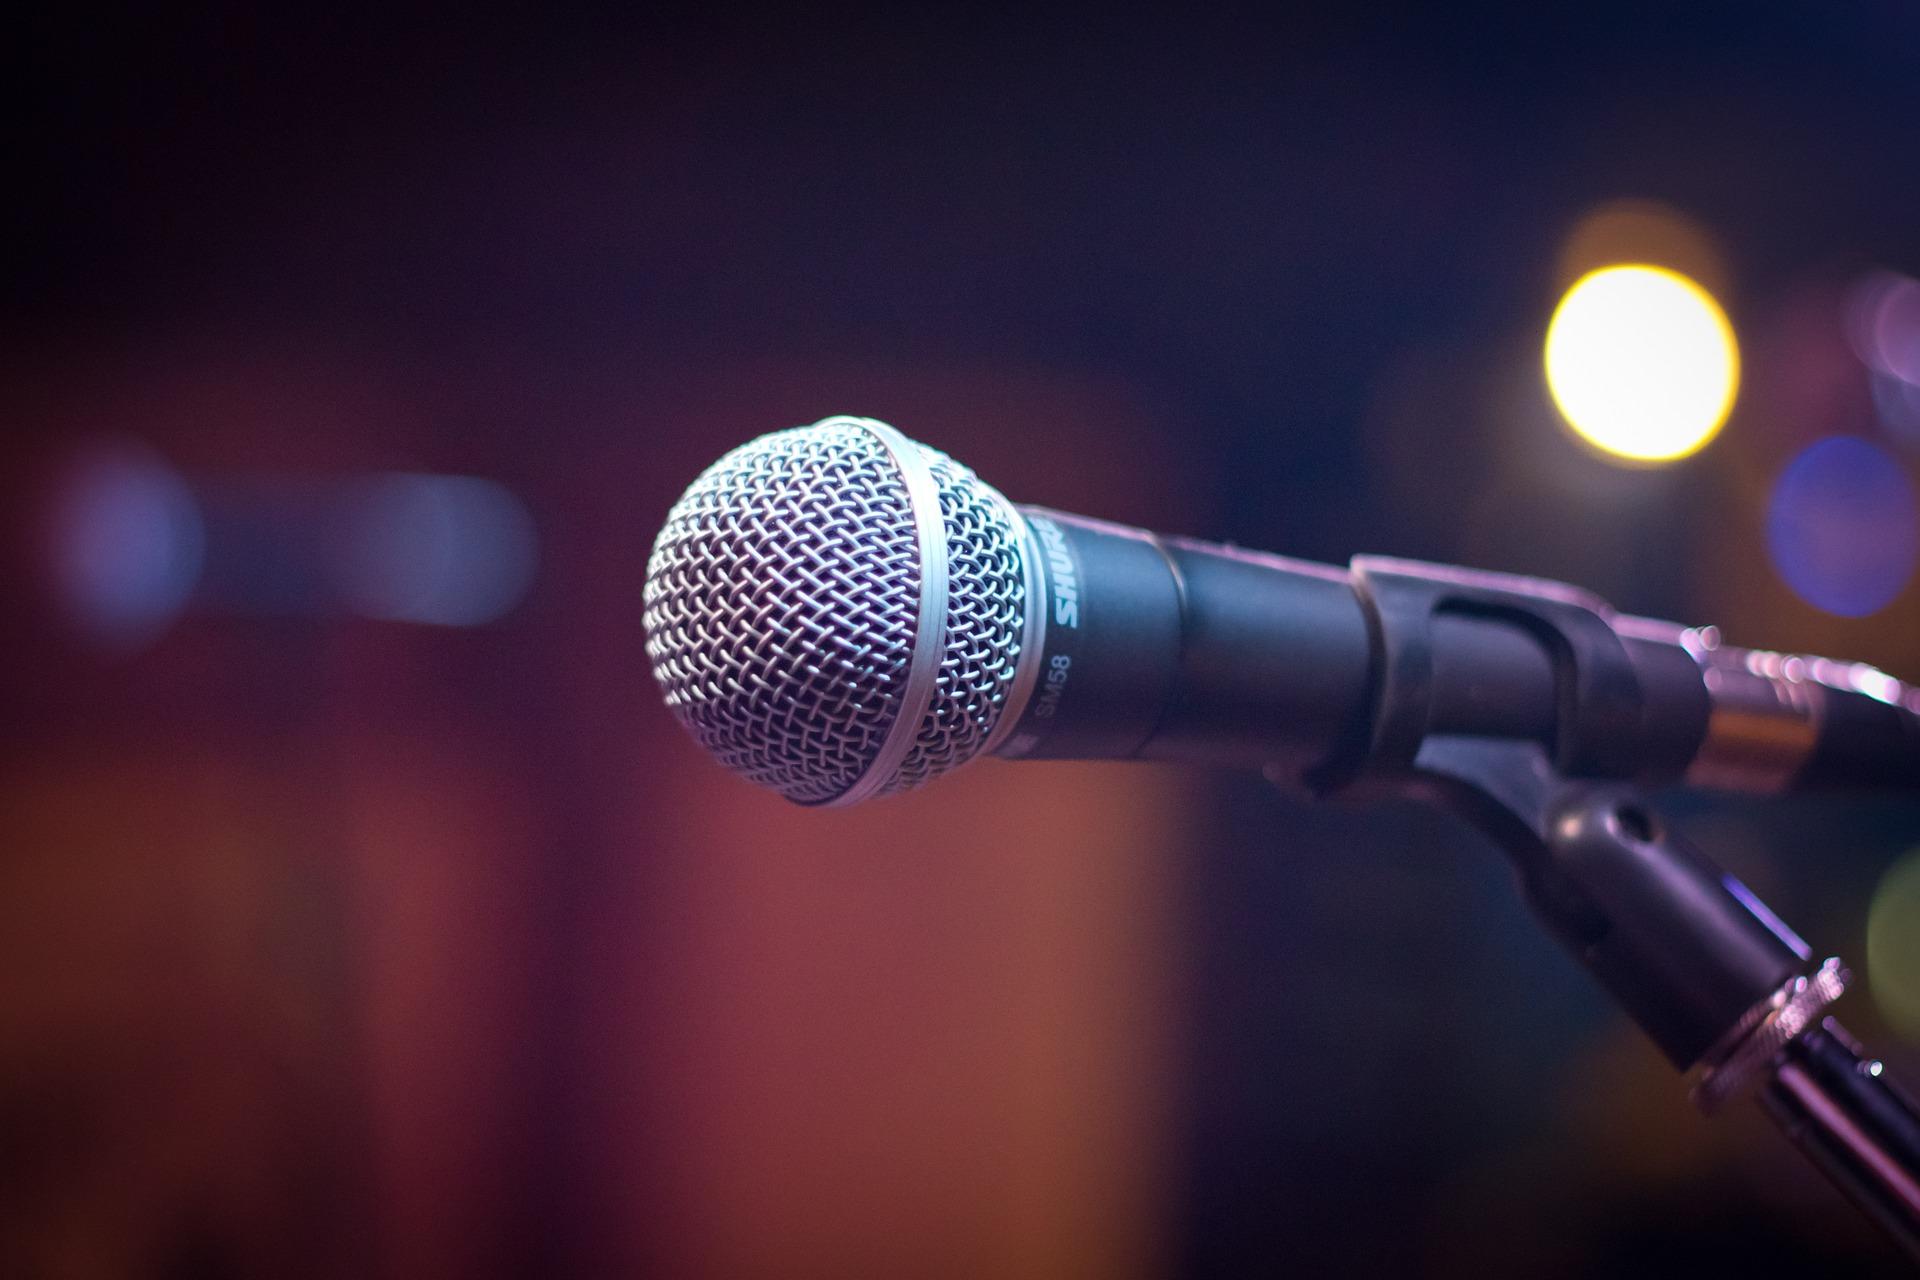 ר' צבי רפפורט - מומחה לדיבור מול קהל